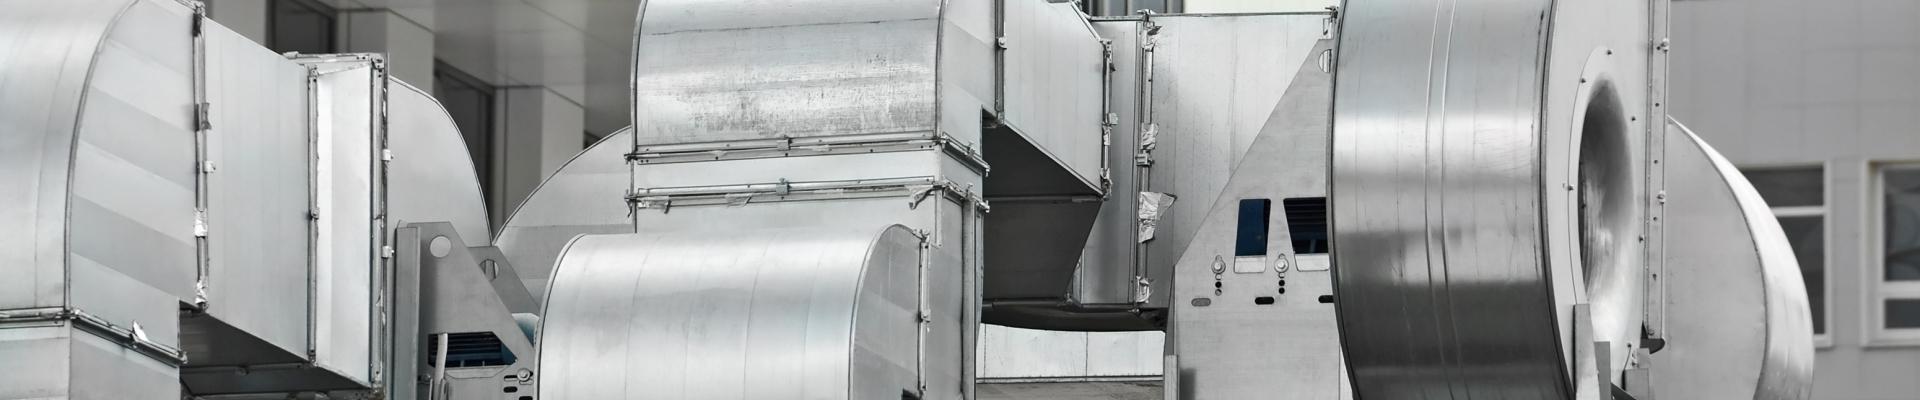 Motori elettrici produzione ventilatori - 2